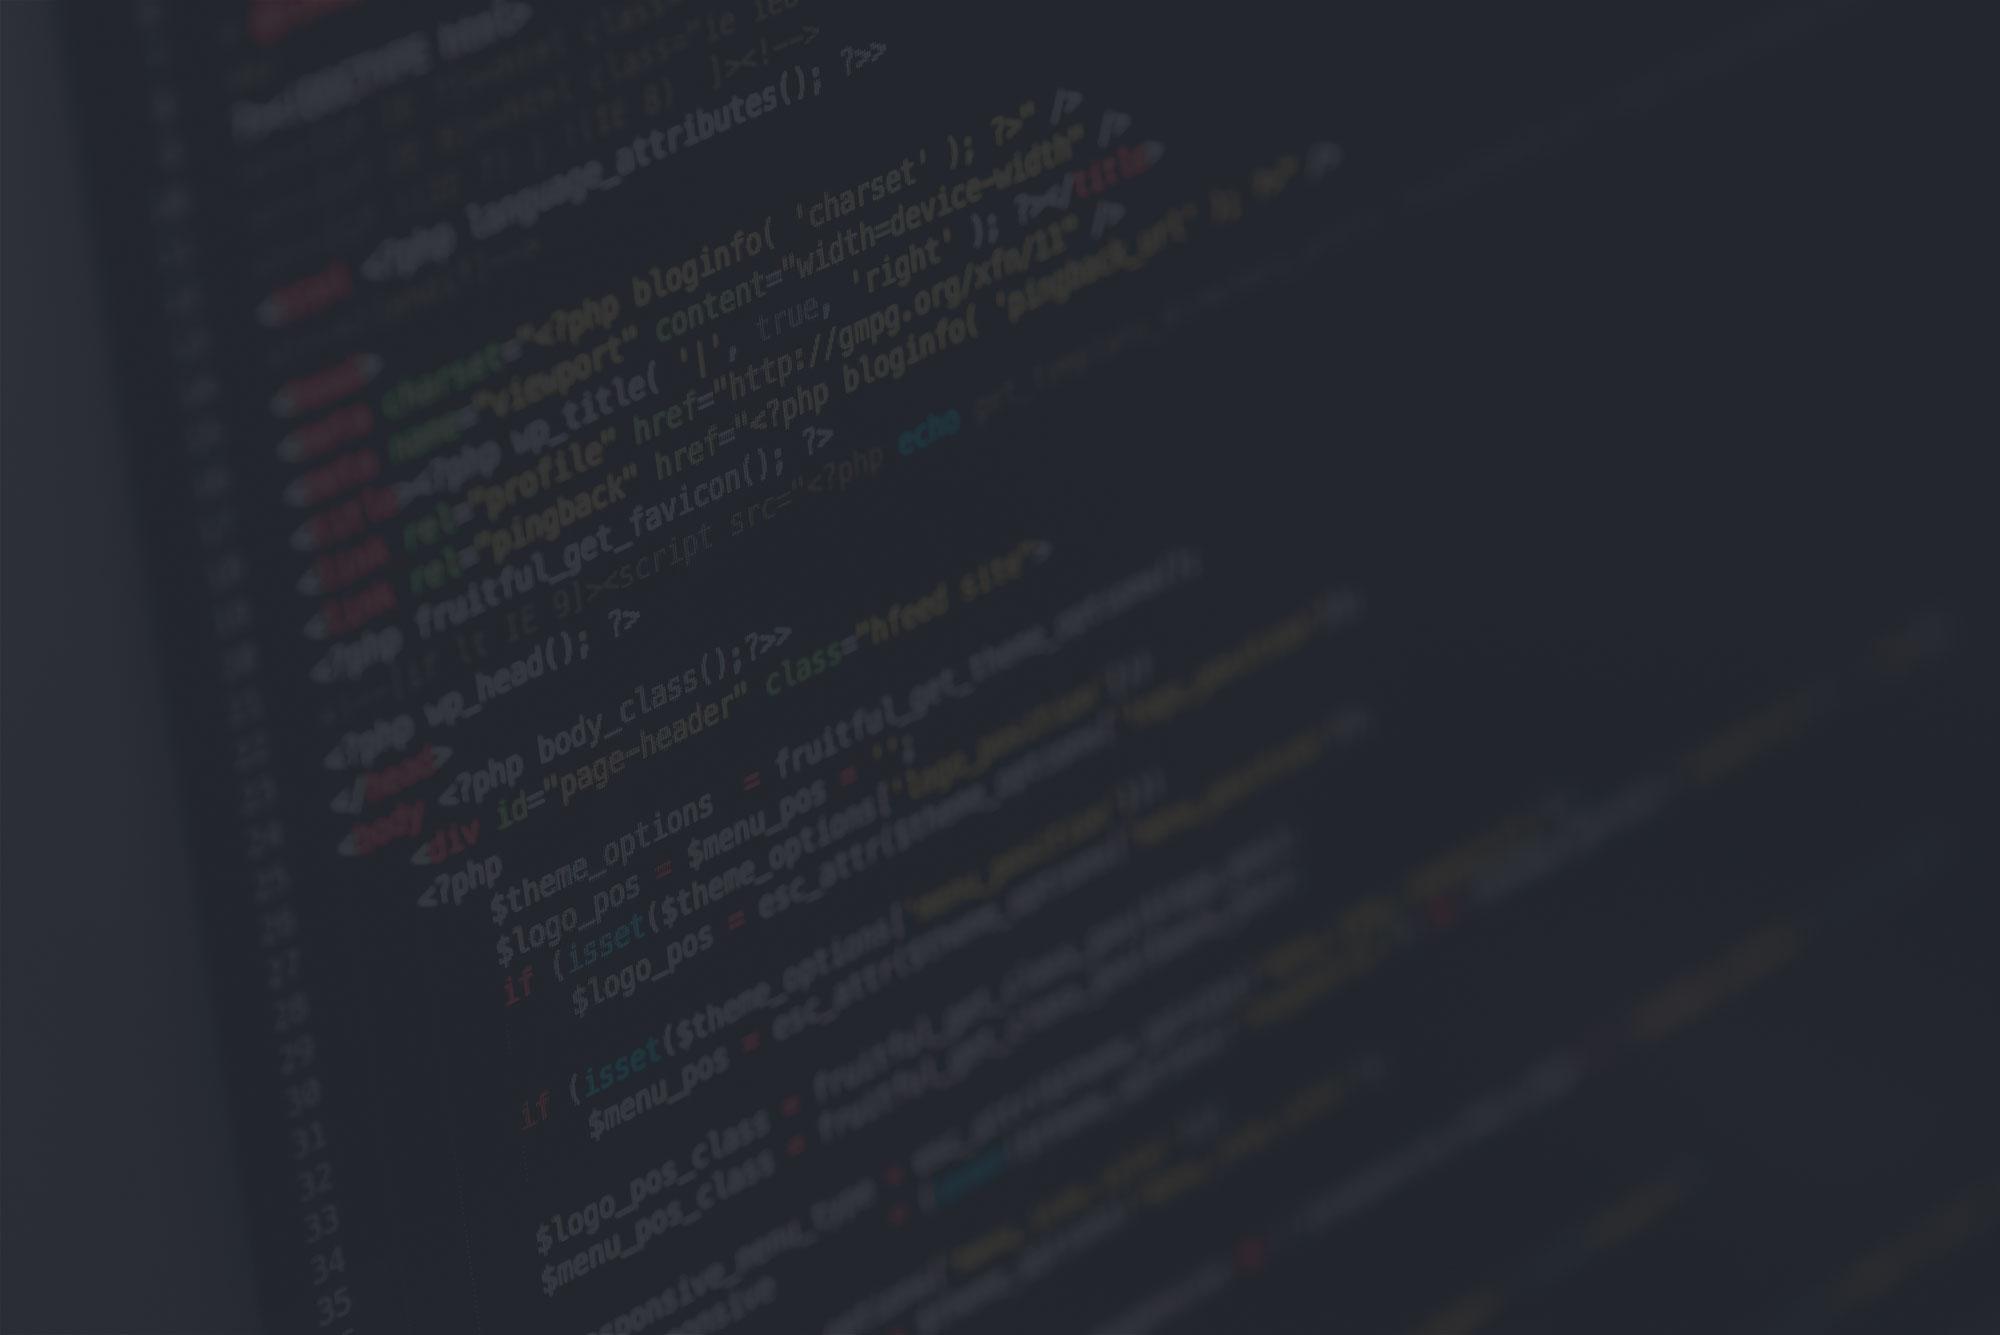 Πώς η JSON-LD βελτιώνει τα αποτελέσματα αναζήτησης